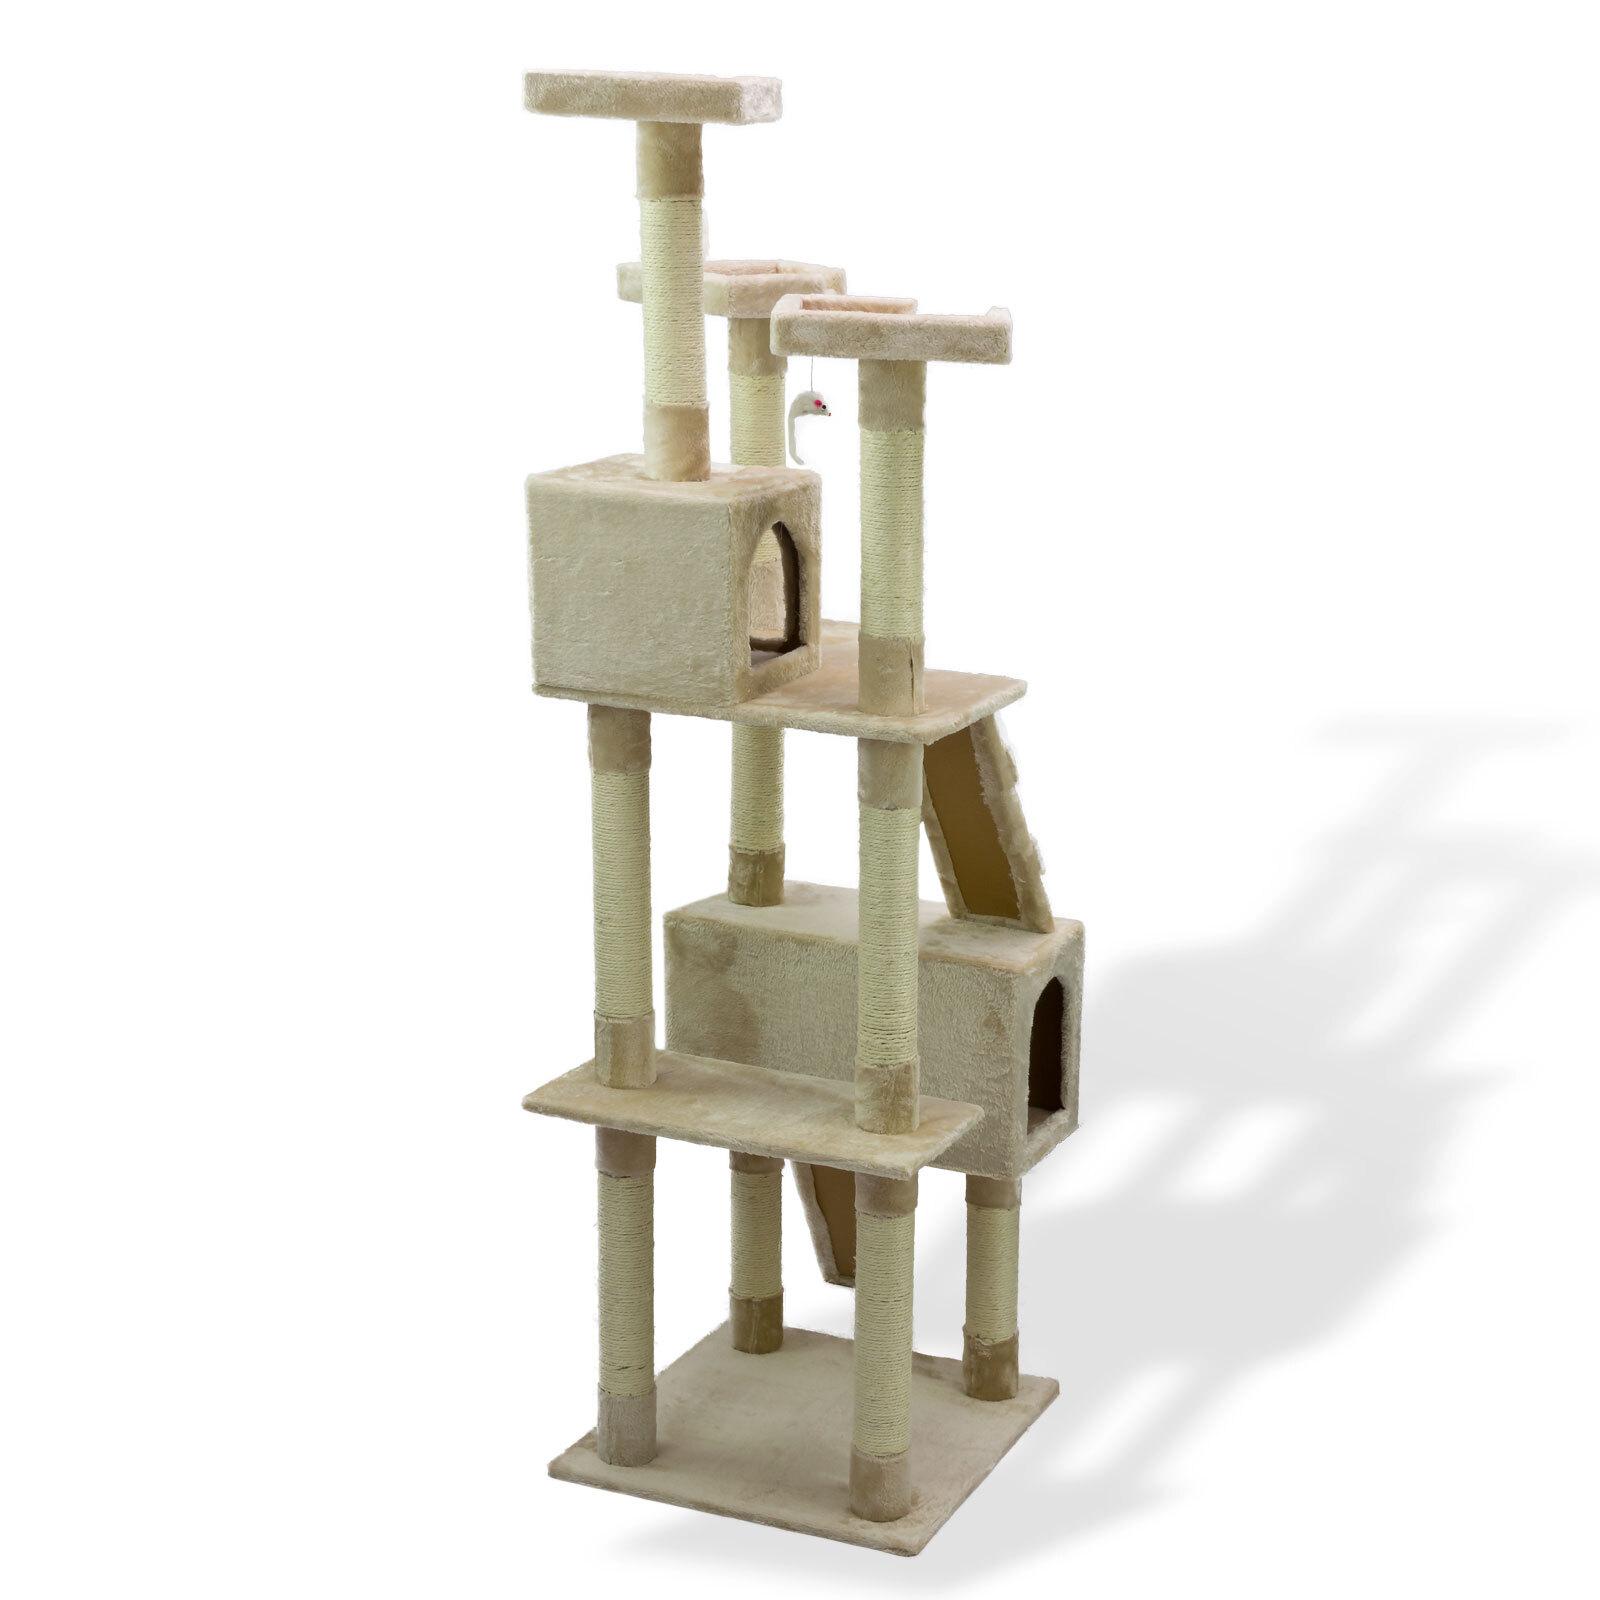 katzen kratzbaum katzenbaum spielbaum kletterbaum katzenkratzbaum beige 180 cm ebay. Black Bedroom Furniture Sets. Home Design Ideas